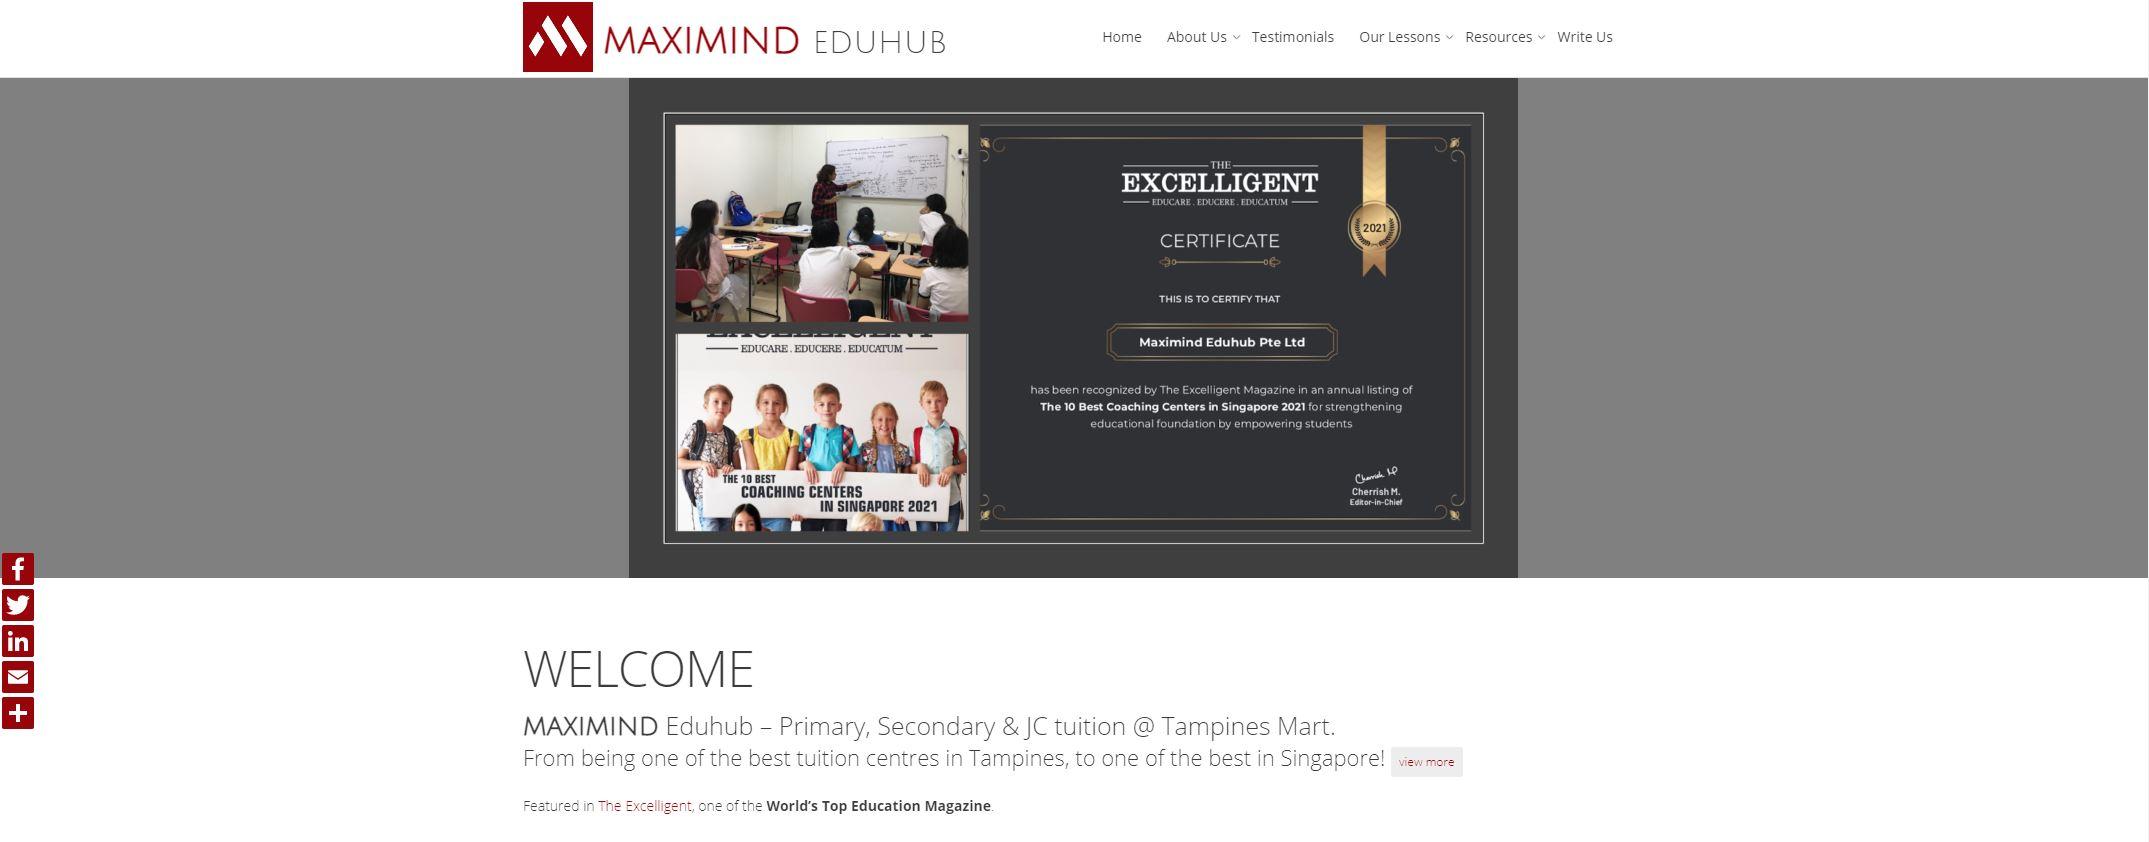 MaxiMind EduHub JC Tuition